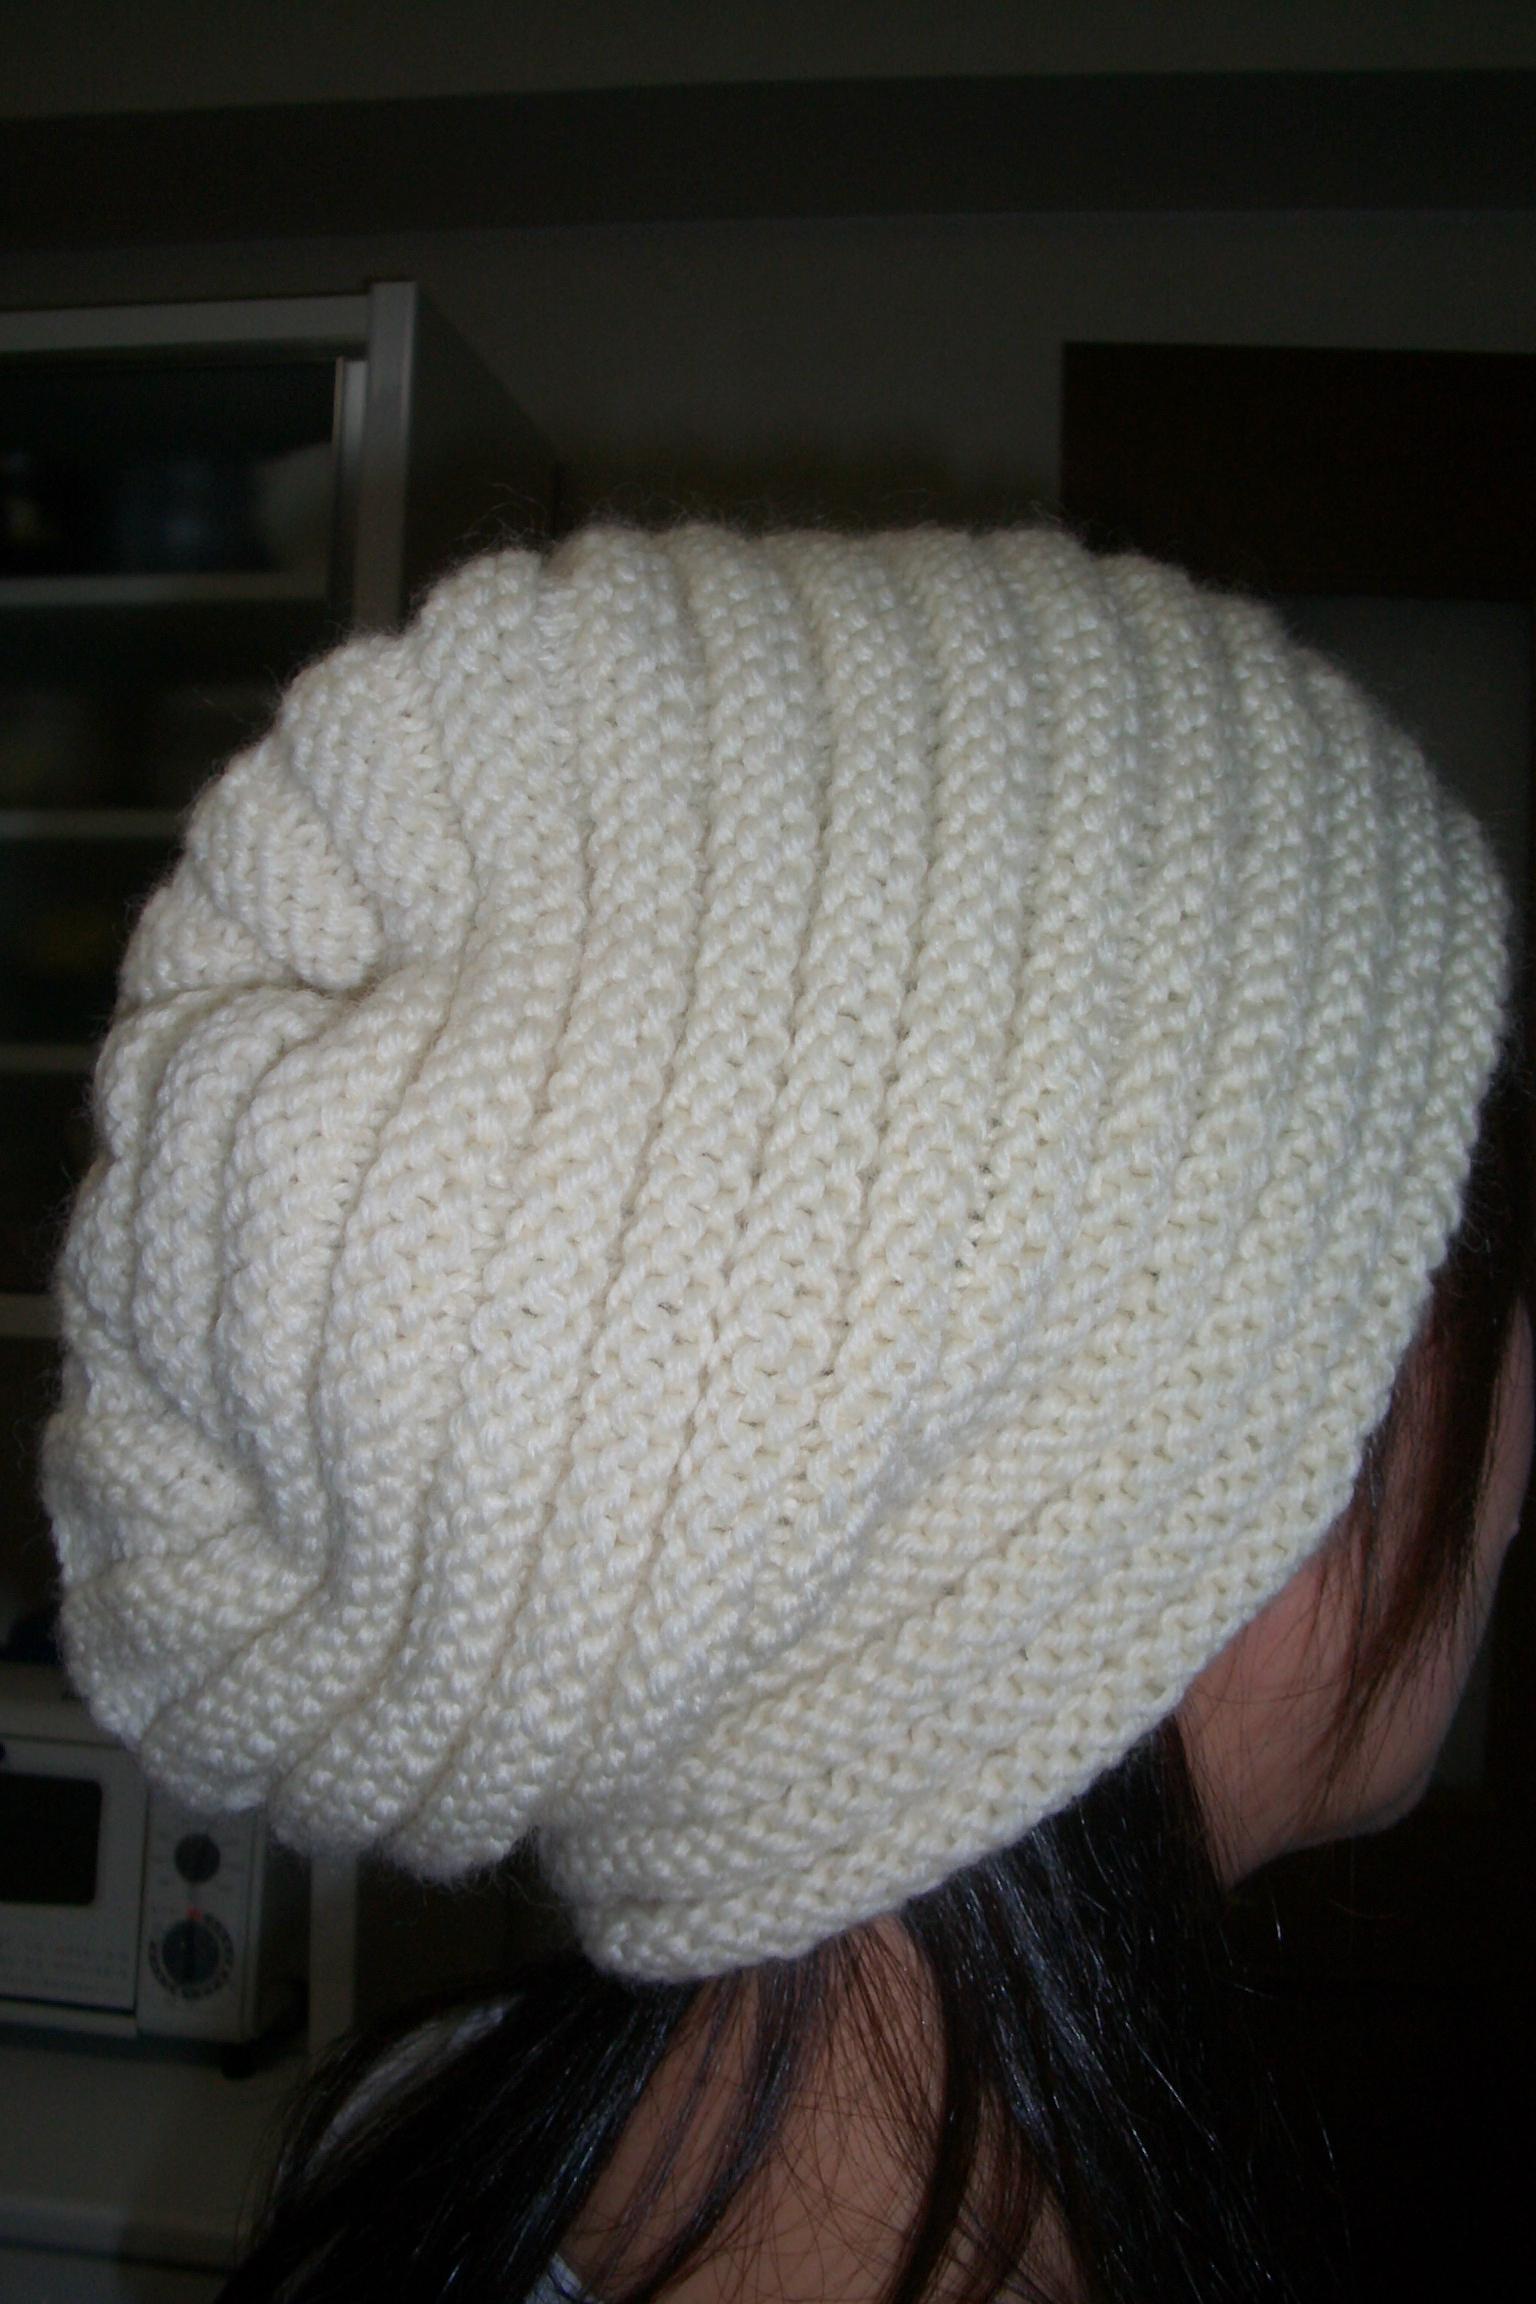 これ最後に編んだ自分用の帽子です。 毛100%、オフホワイト色、輪針9号使用。 編み方は簡単! 表編みと裏編みと3段ずつ繰り返し、減らし目なし、